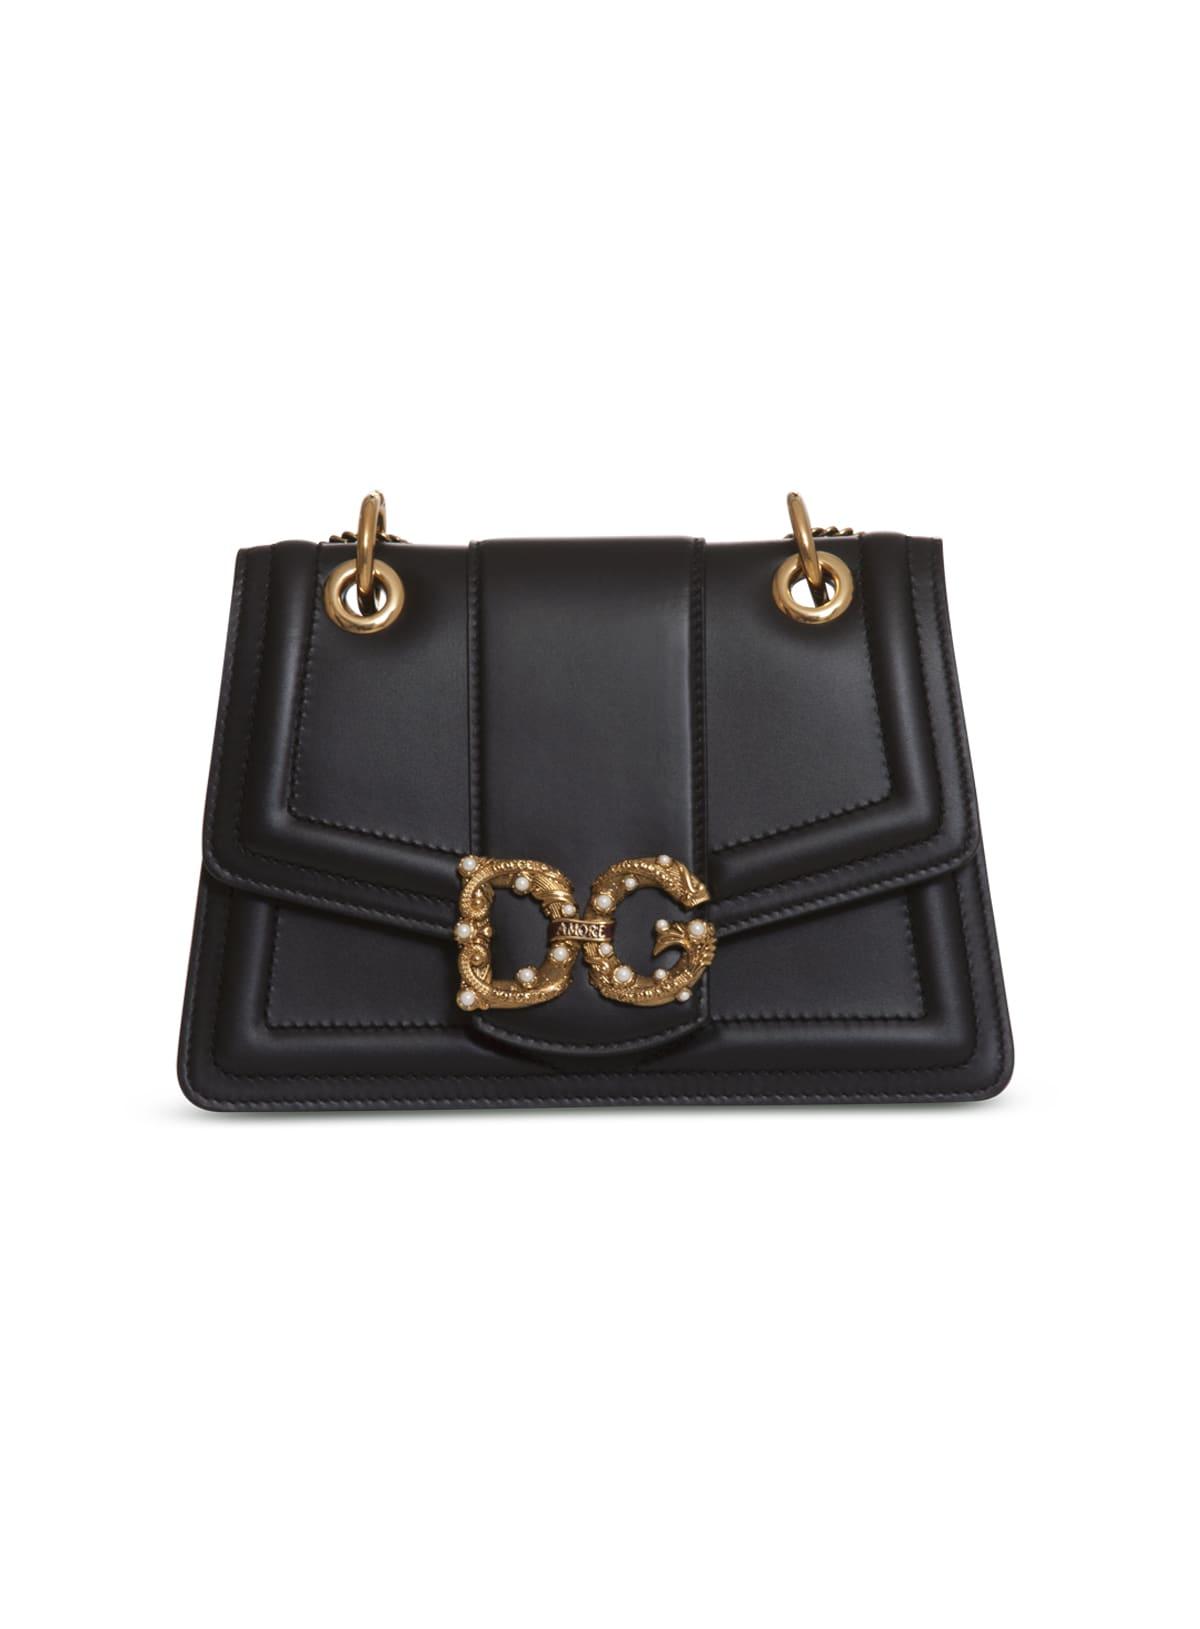 Dolce & Gabbana Dg Embellished Leather Shoulder Bag